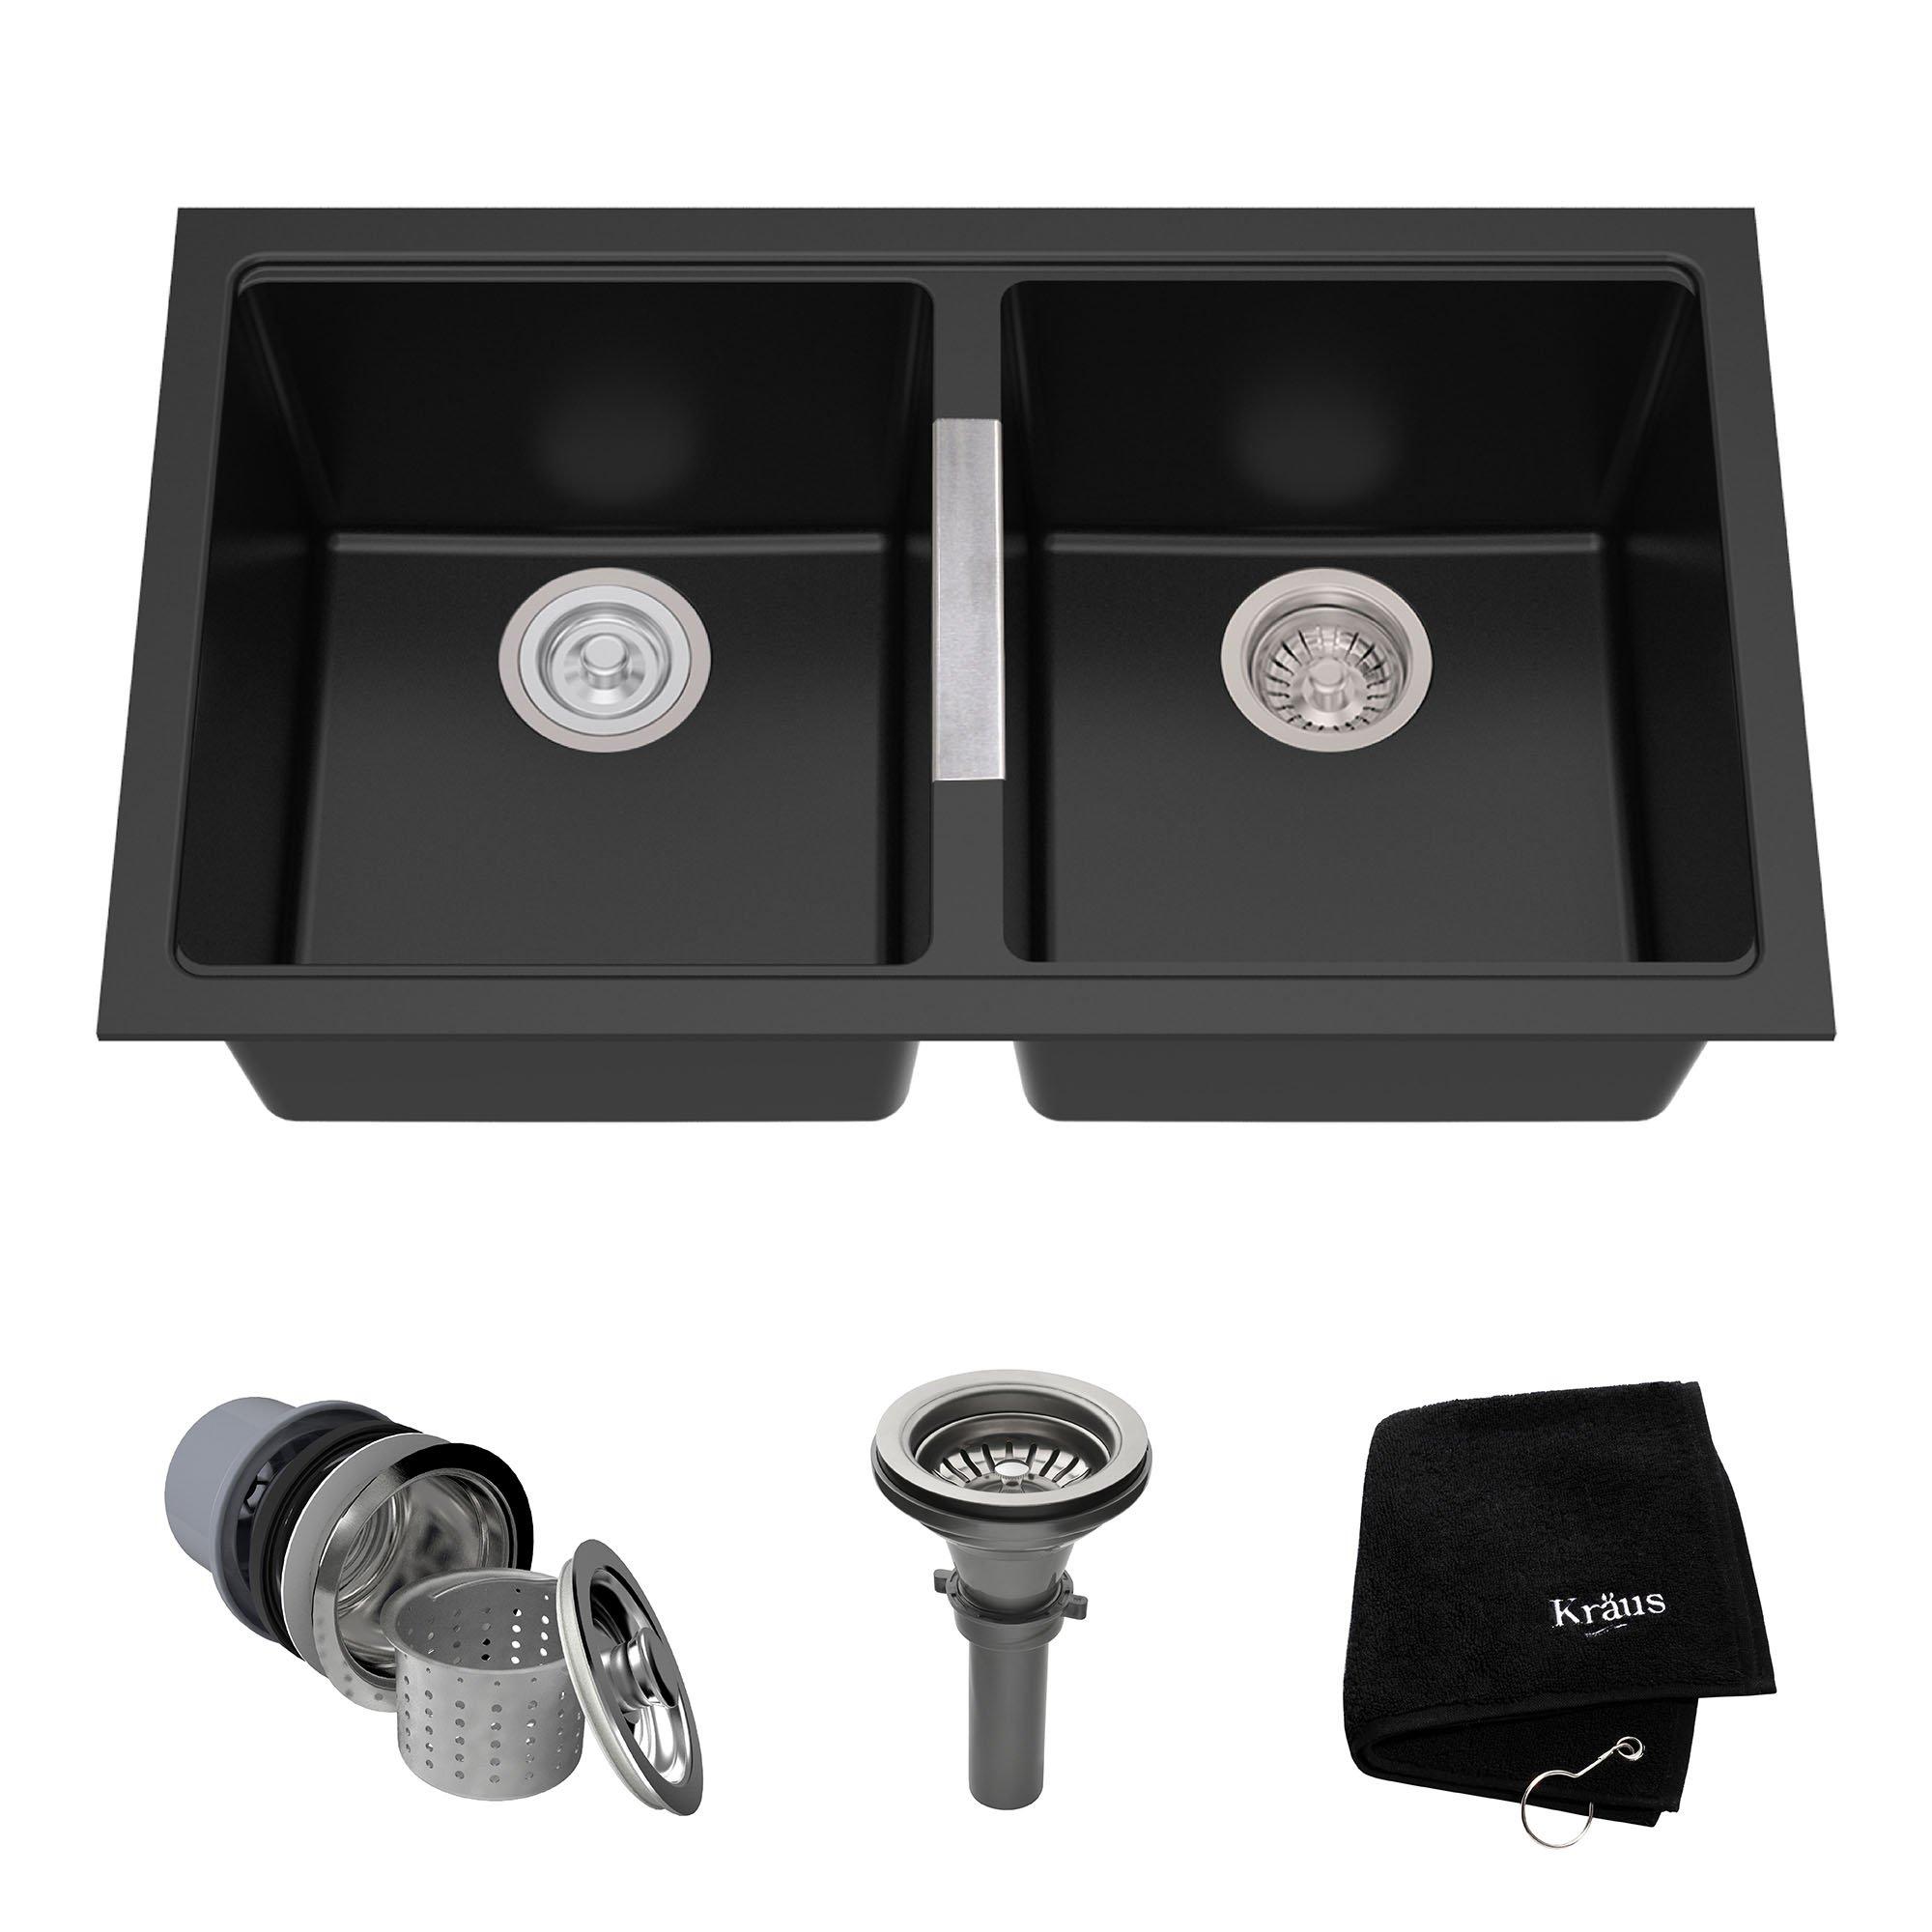 Kraus KGU-434B 33 inch Undermount 50/50 Double Bowl Black Onyx Granite Kitchen Sink by Kraus